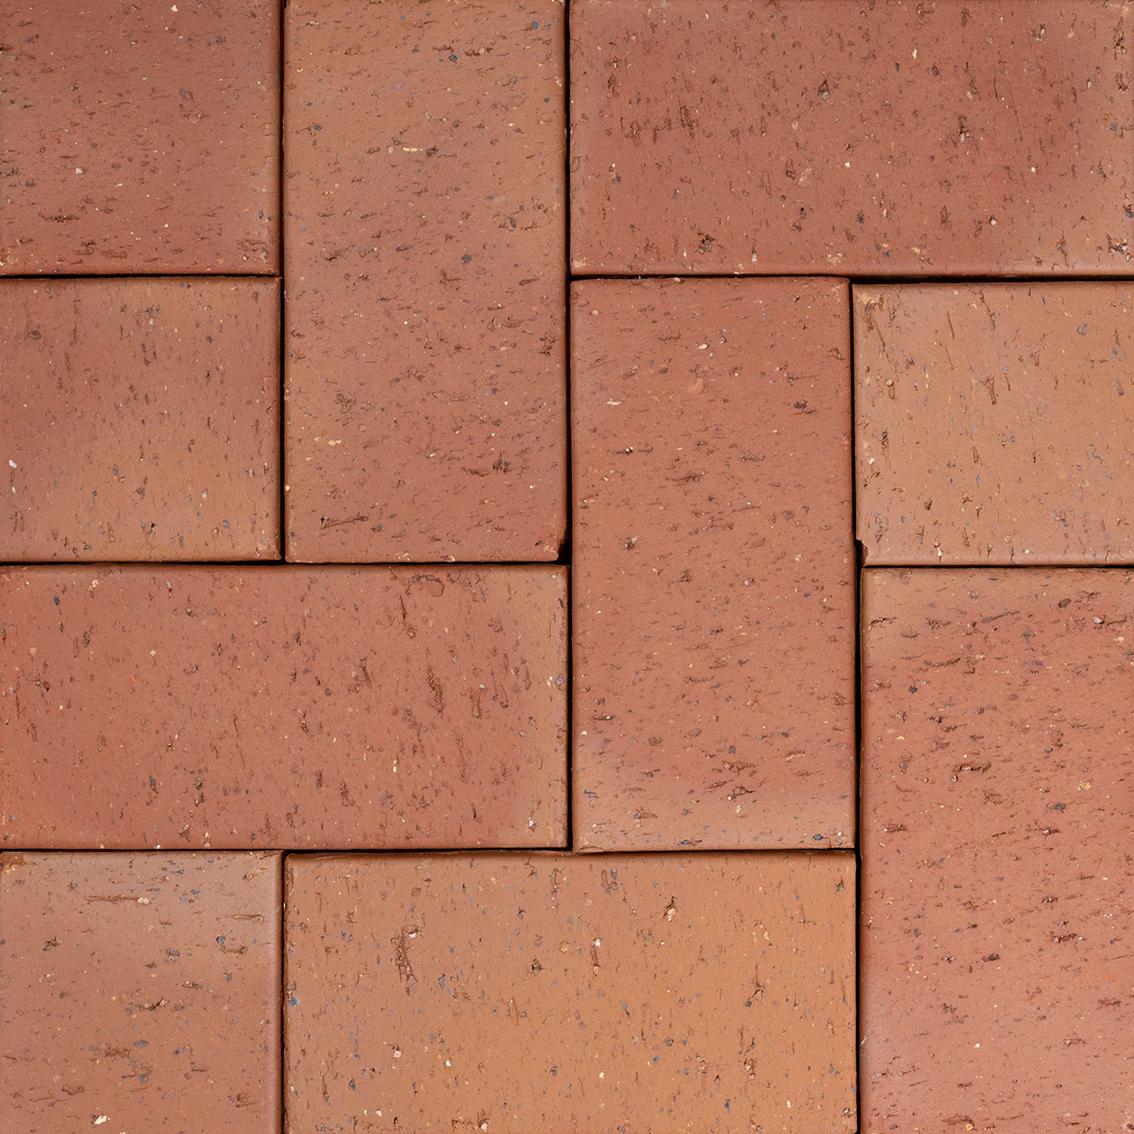 Clay Driveway Pavers | Autumn Sunset | 230 x 114 Pavers